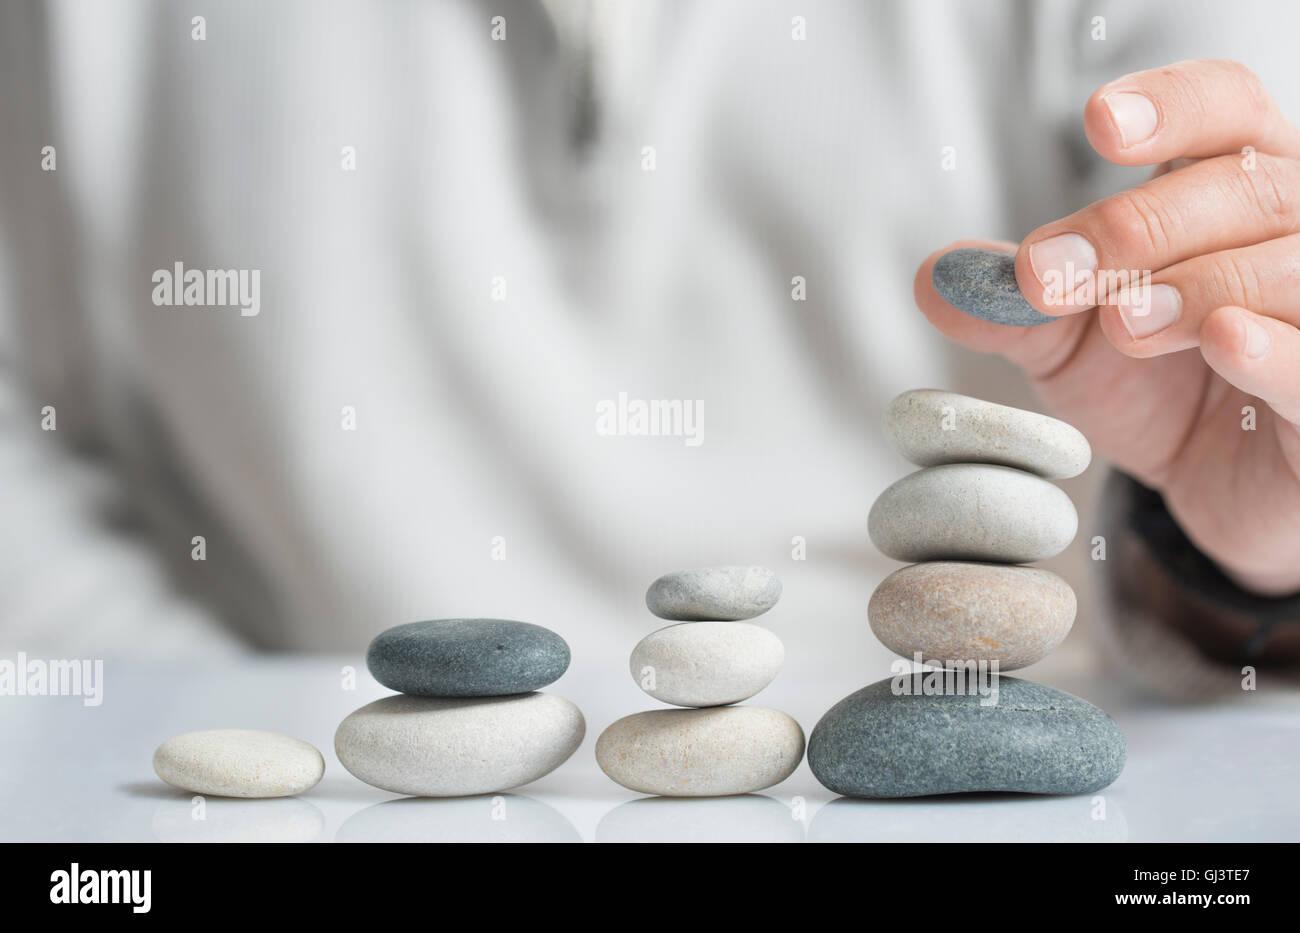 Imagen de un hombre horizontal apilar guijarros sobre una mesa con copyspace para texto. Concepto de gestión Imagen De Stock